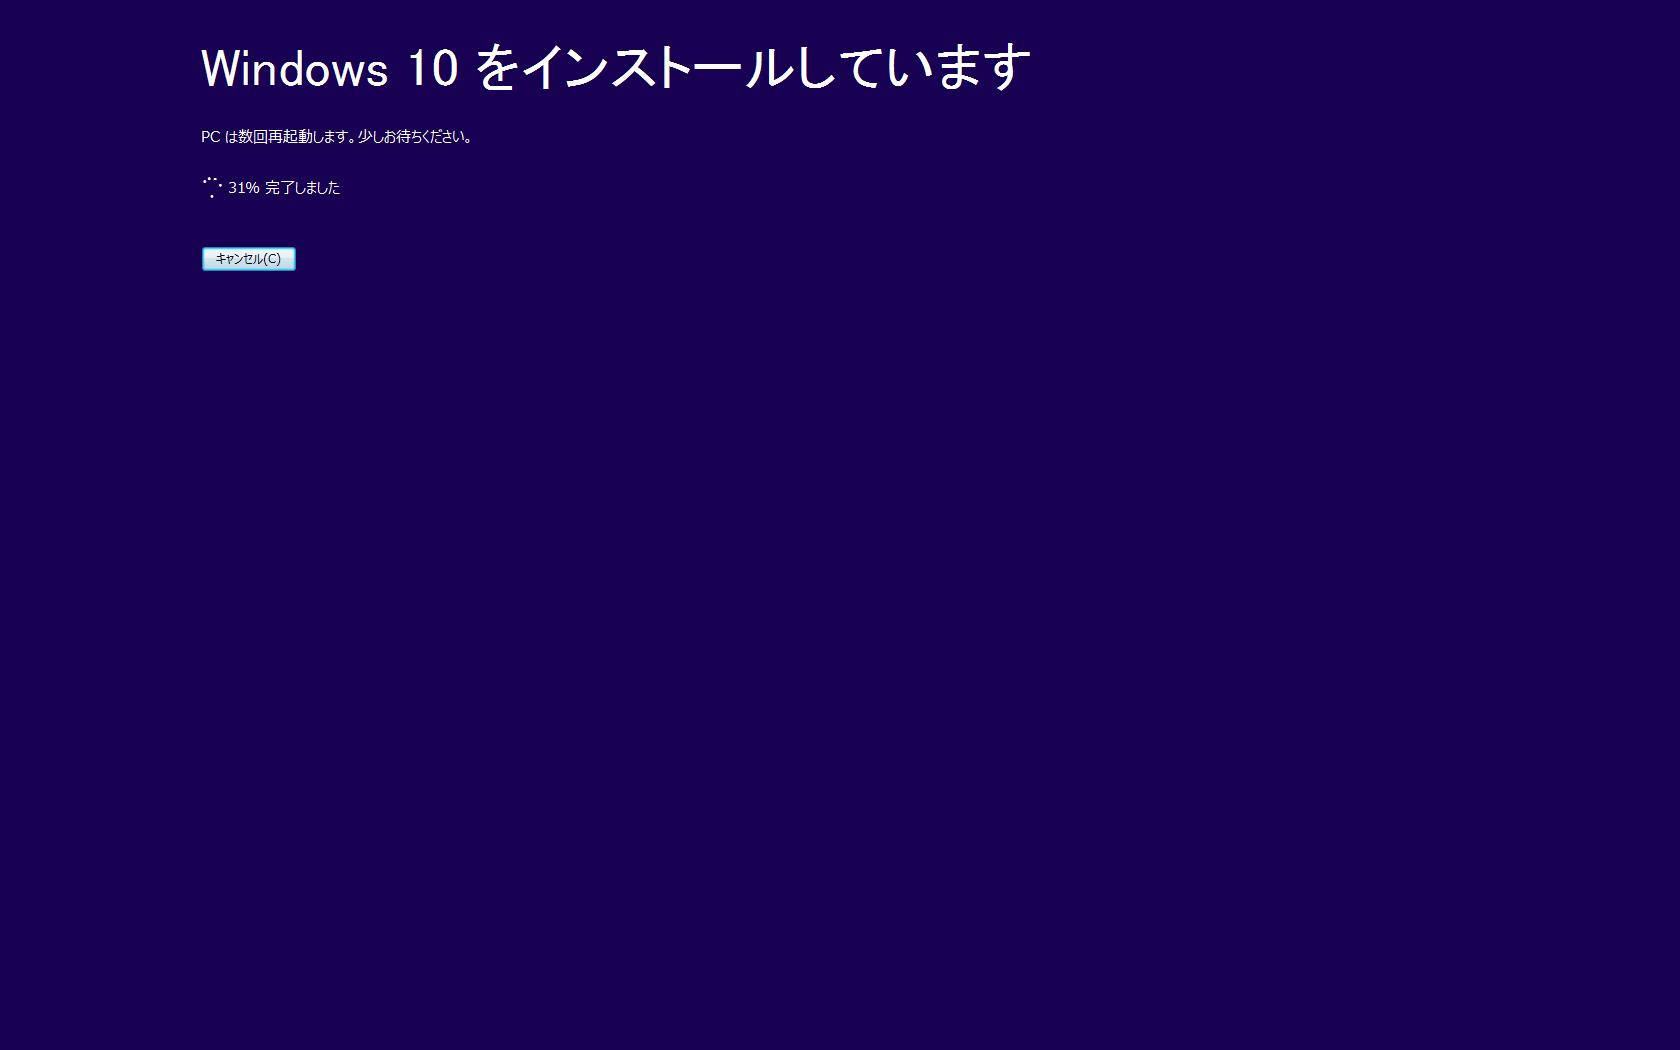 Windows10 をインストール中